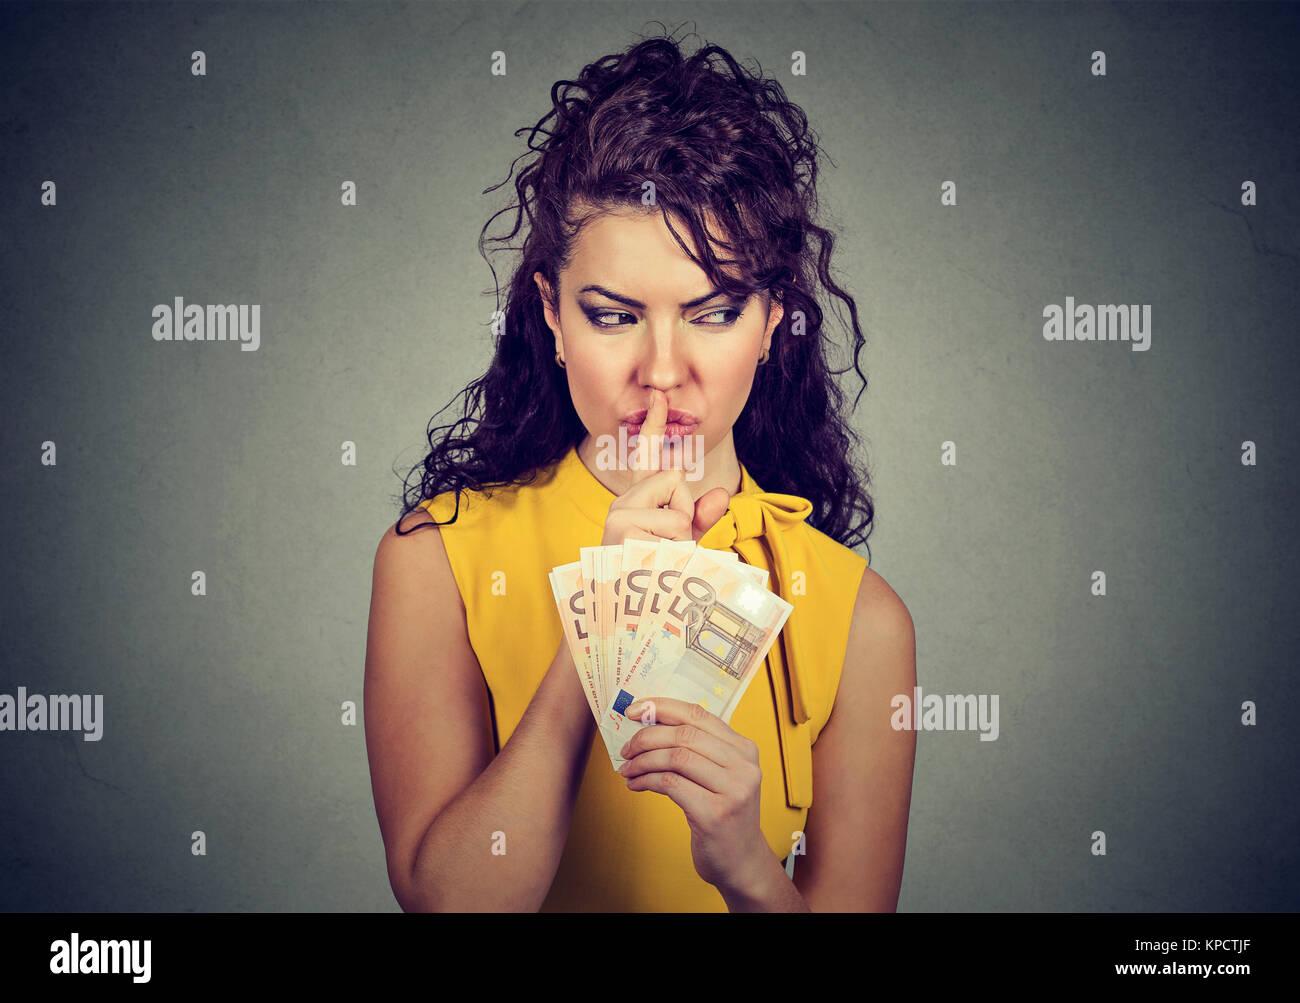 Mujer sosteniendo montón de euros y pidiendo silencio mientras practican la corrupción. Imagen De Stock